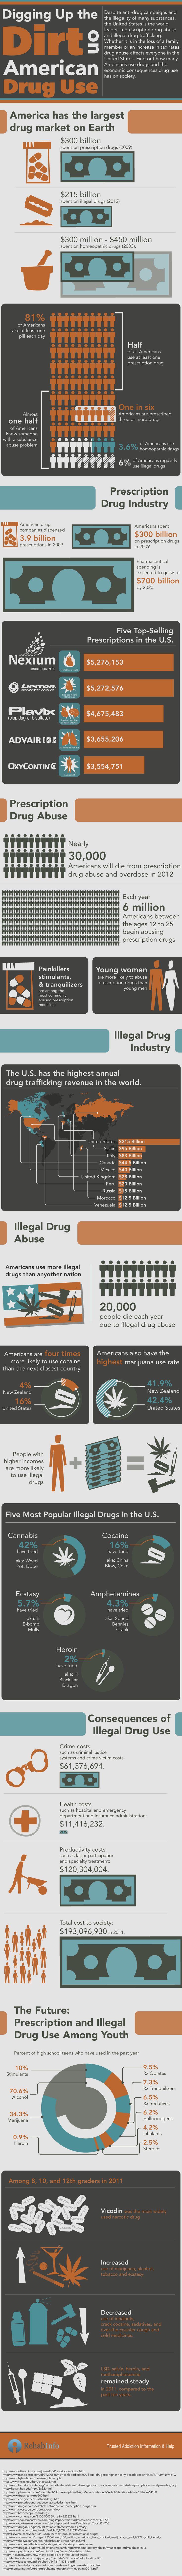 Prescription and Illegal Drug Use in America: